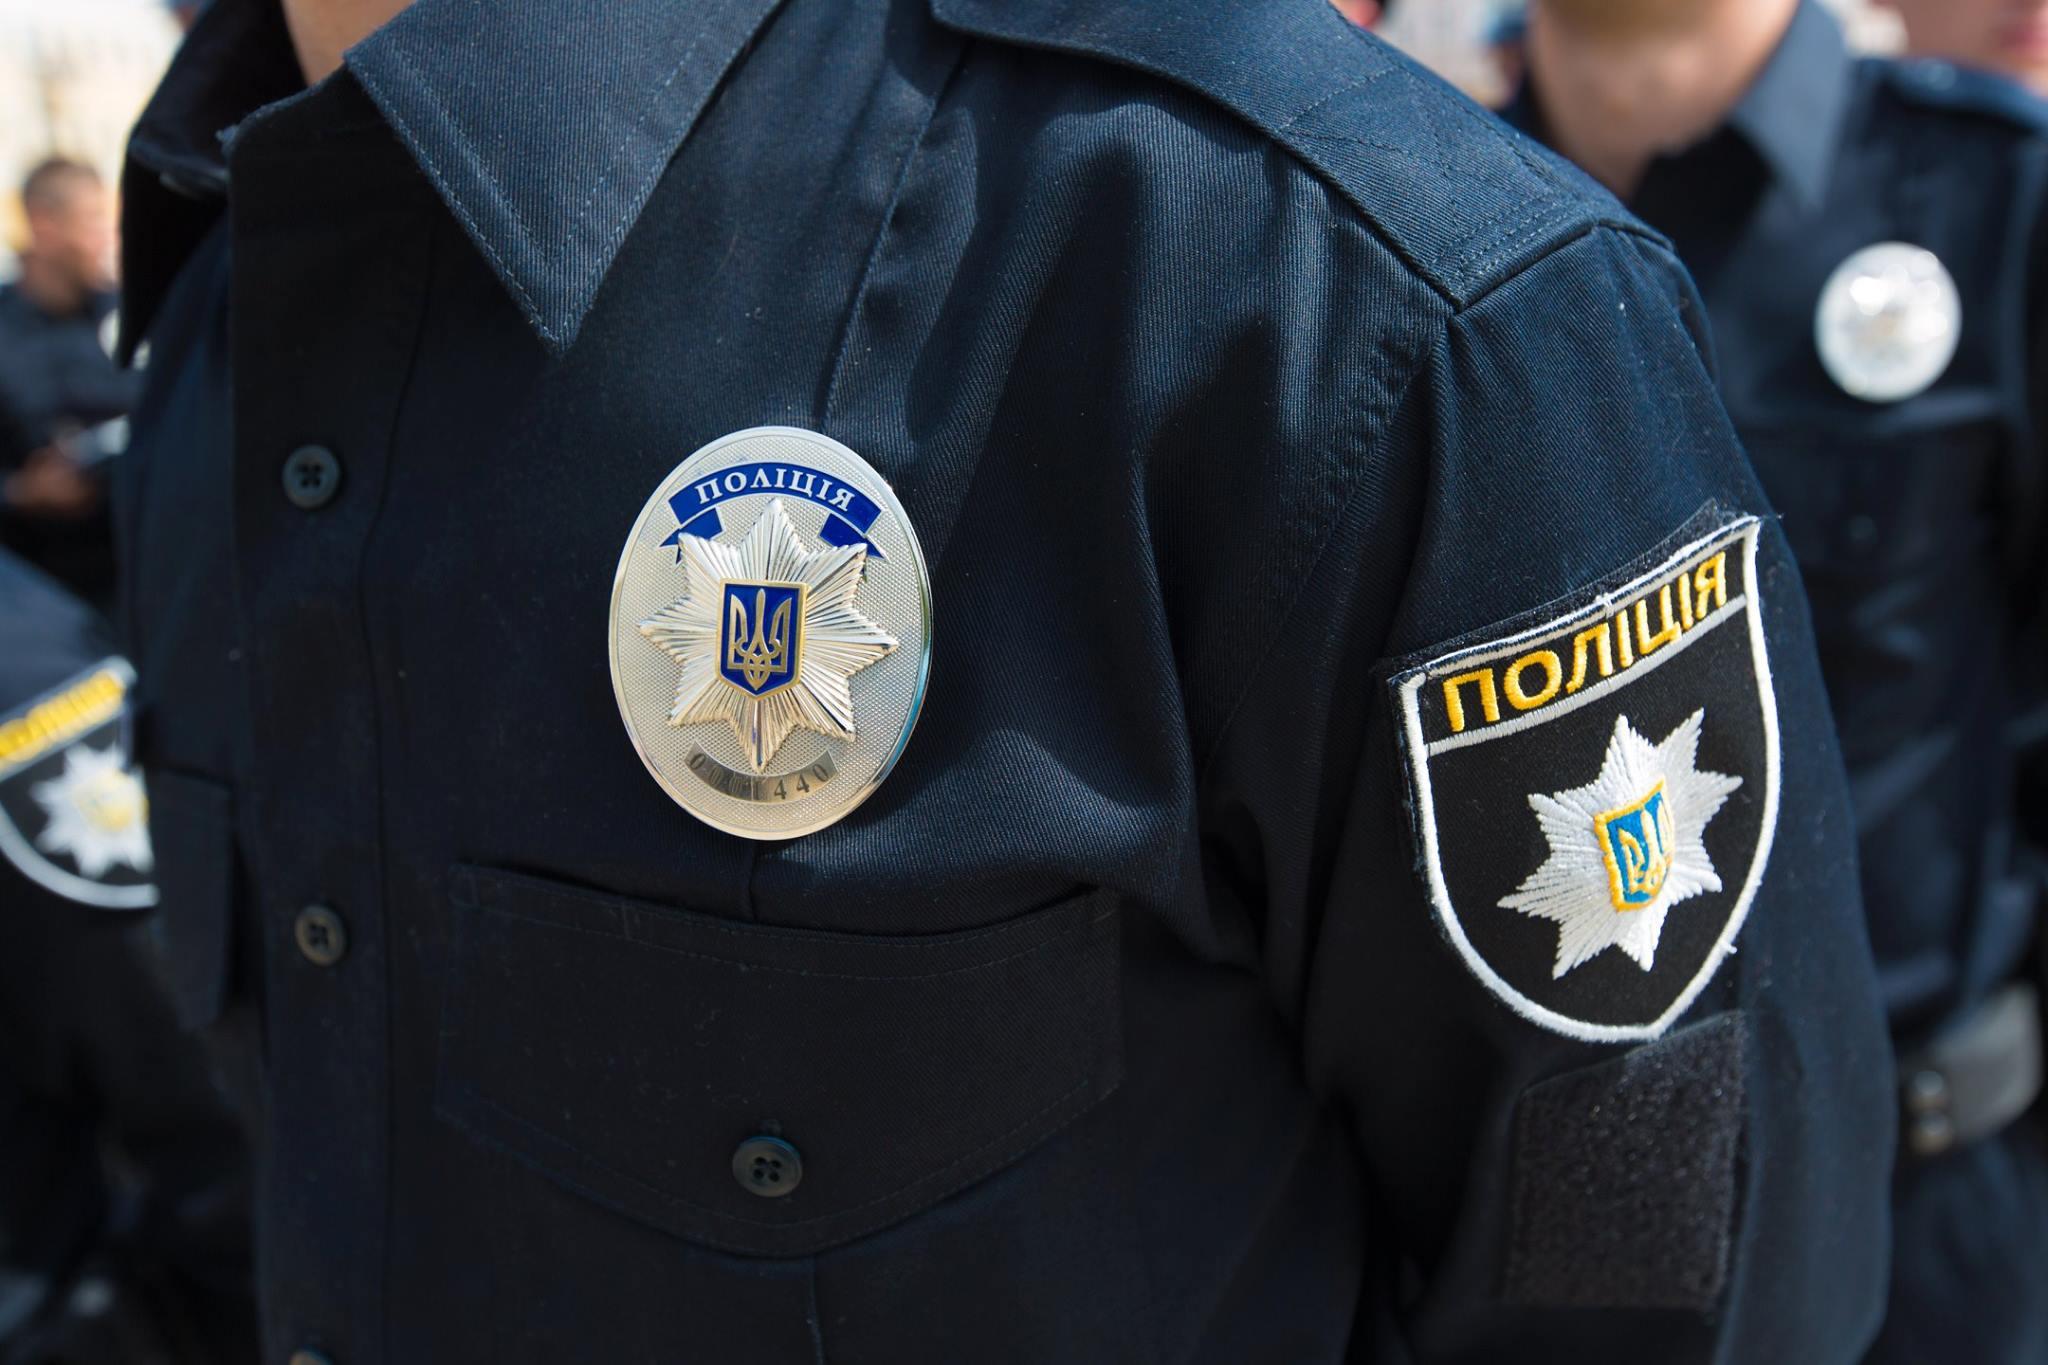 Житель Харьковской области убил собутыльника и пытался сбежать (ВИДЕО)